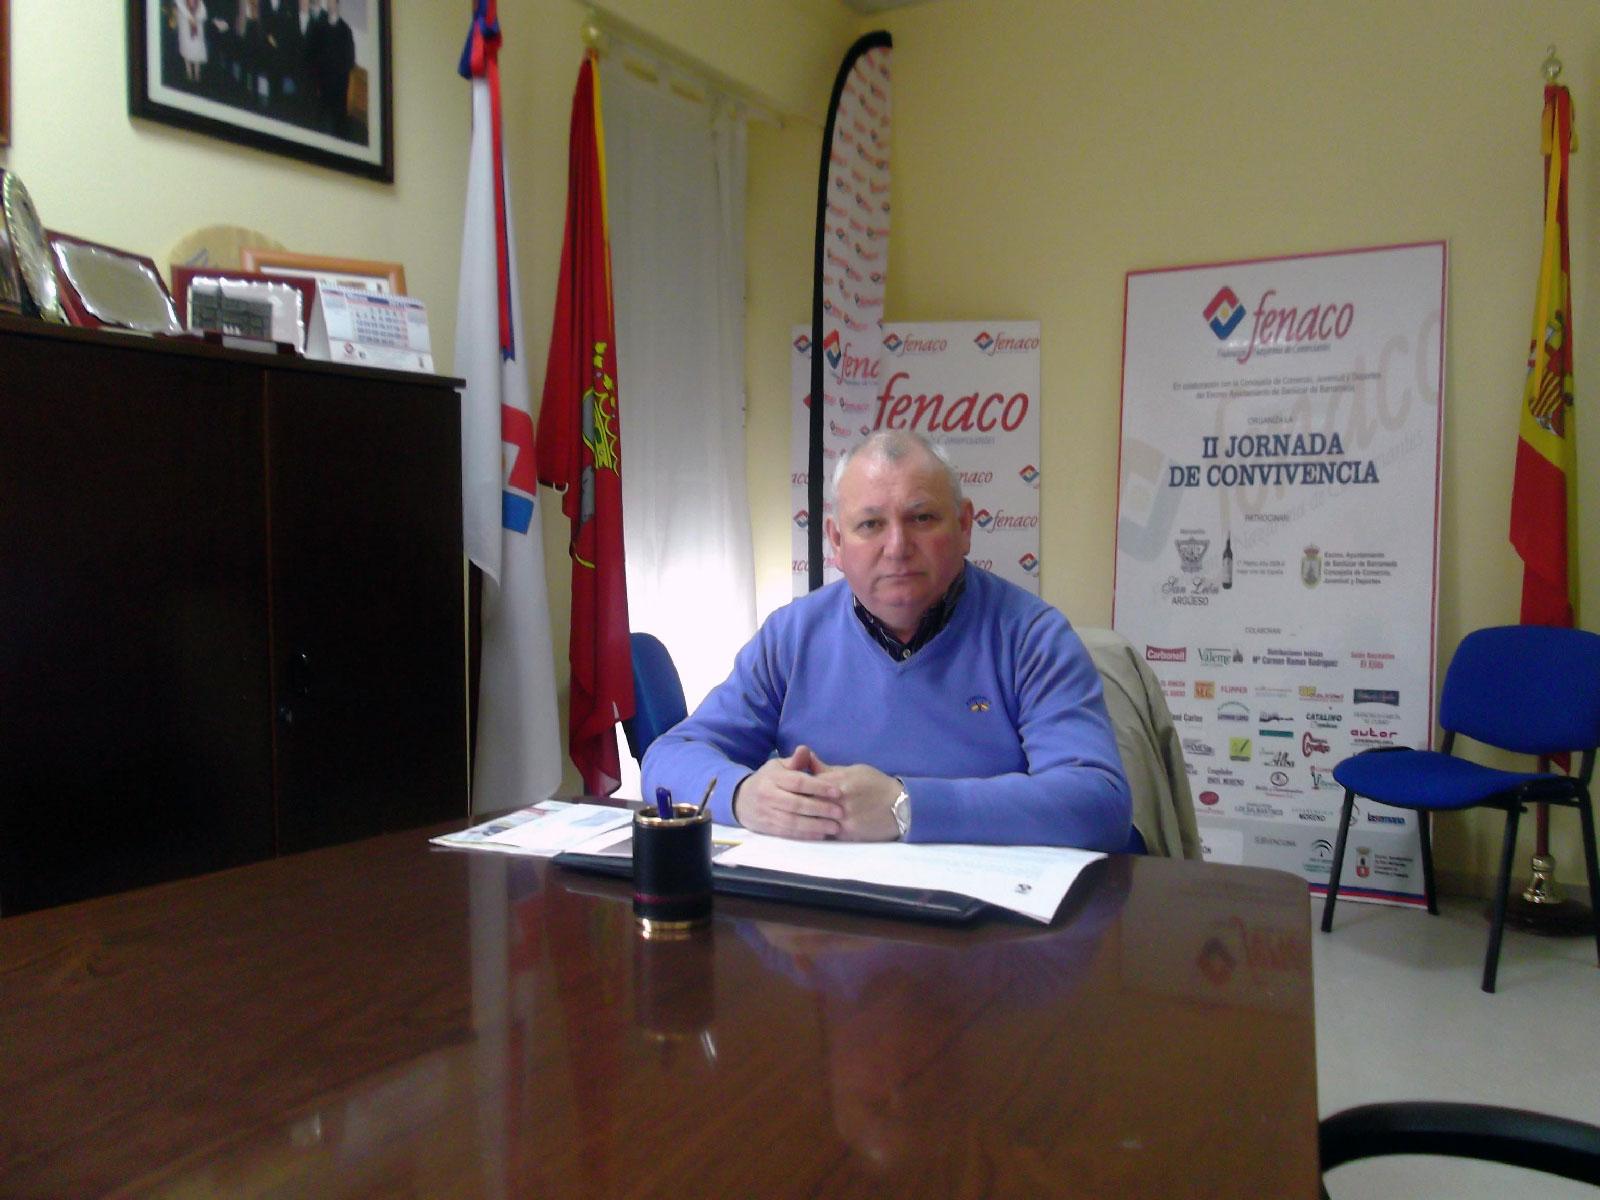 José Manuel Cordero Alcocer - Presidente